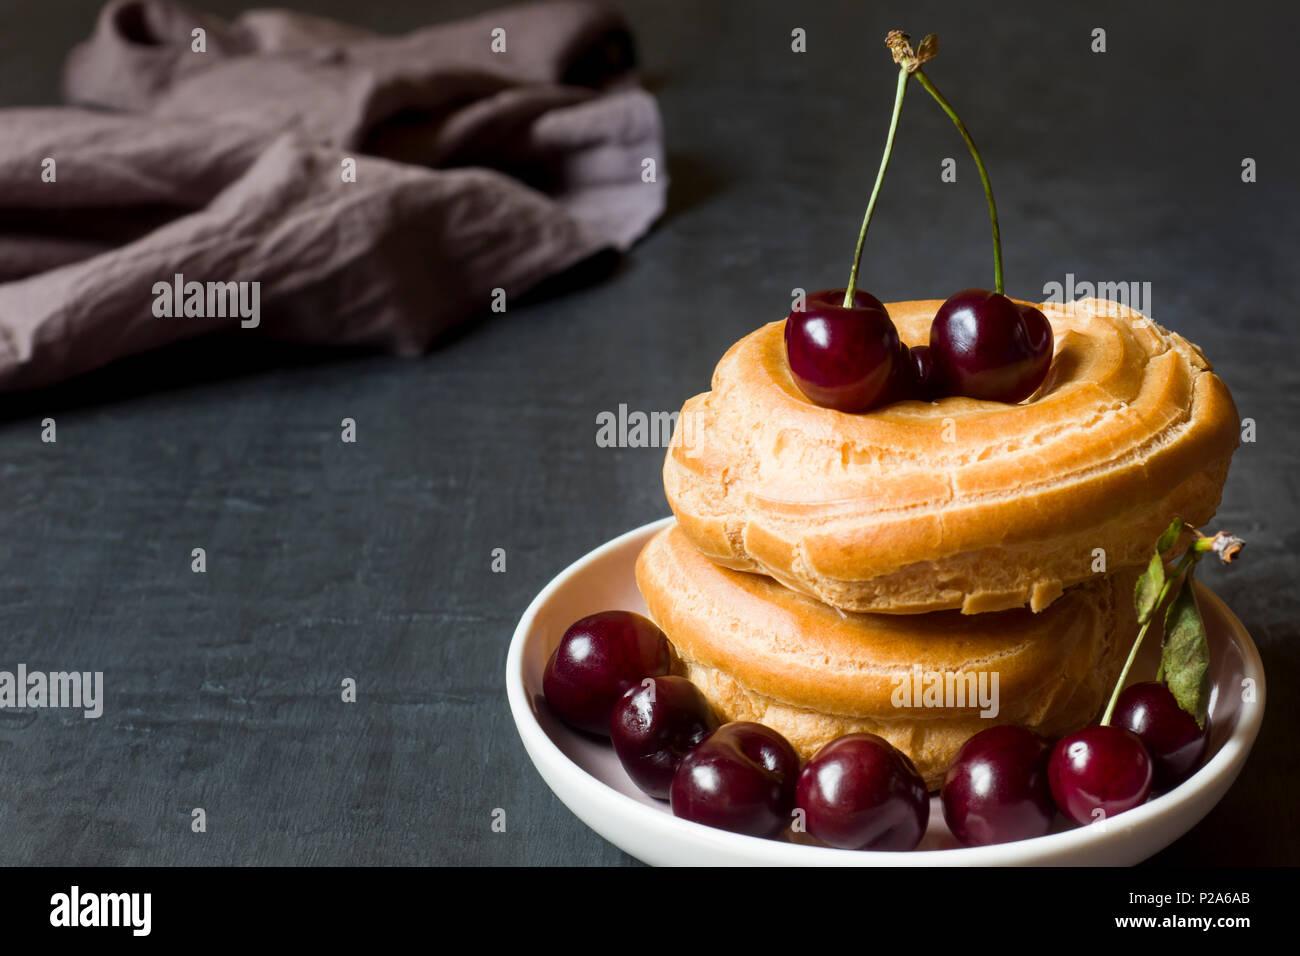 Pudding Kuchen Ringe Mit Kirsche Auf Einer Platte Auf Einem Dunklen